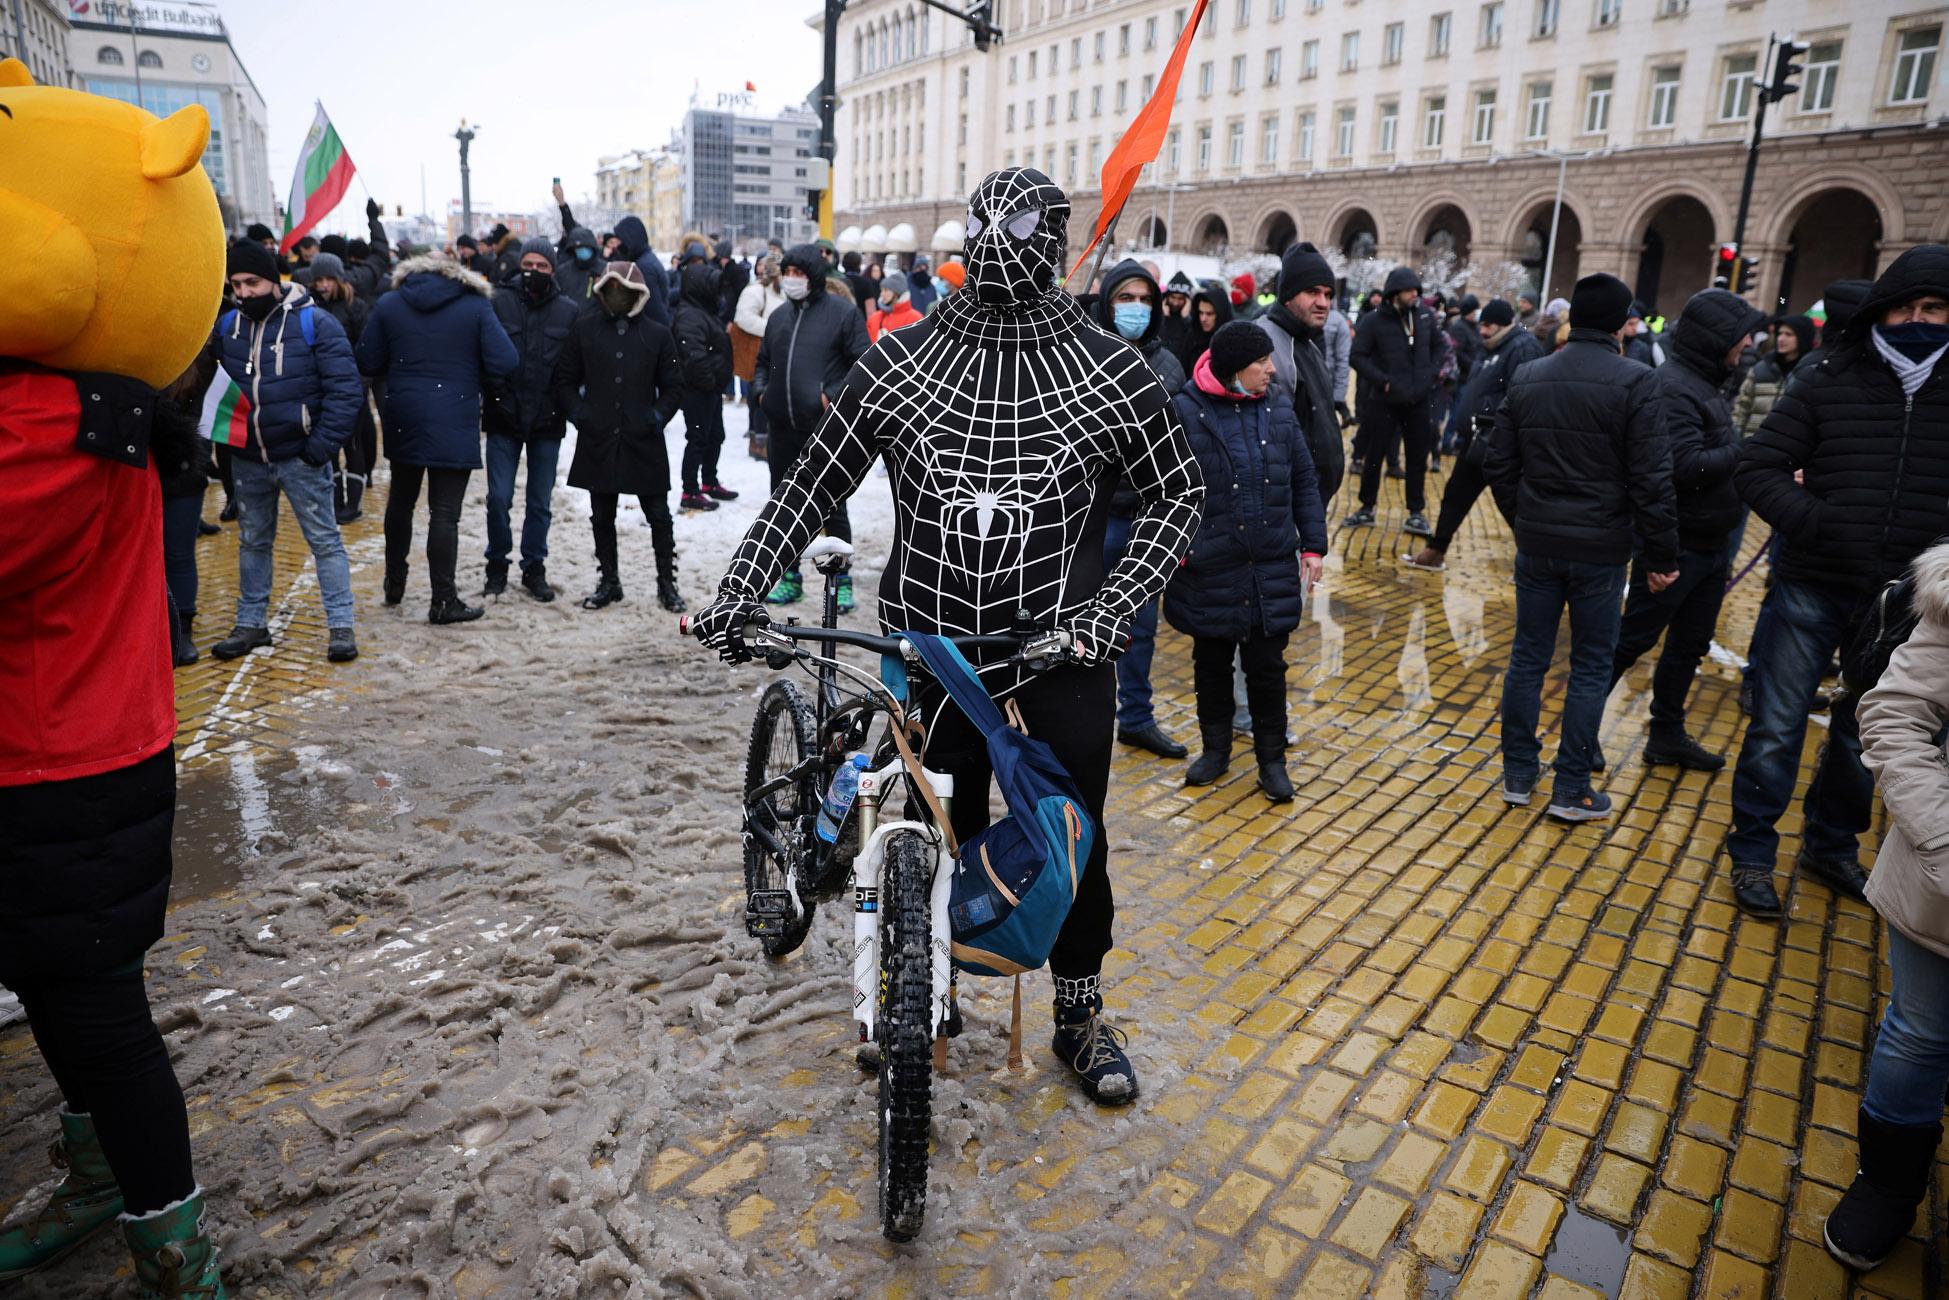 Βουλγαρία: Επιχειρηματίες και εργαζόμενοι στην εστίαση βγήκαν στους δρόμους